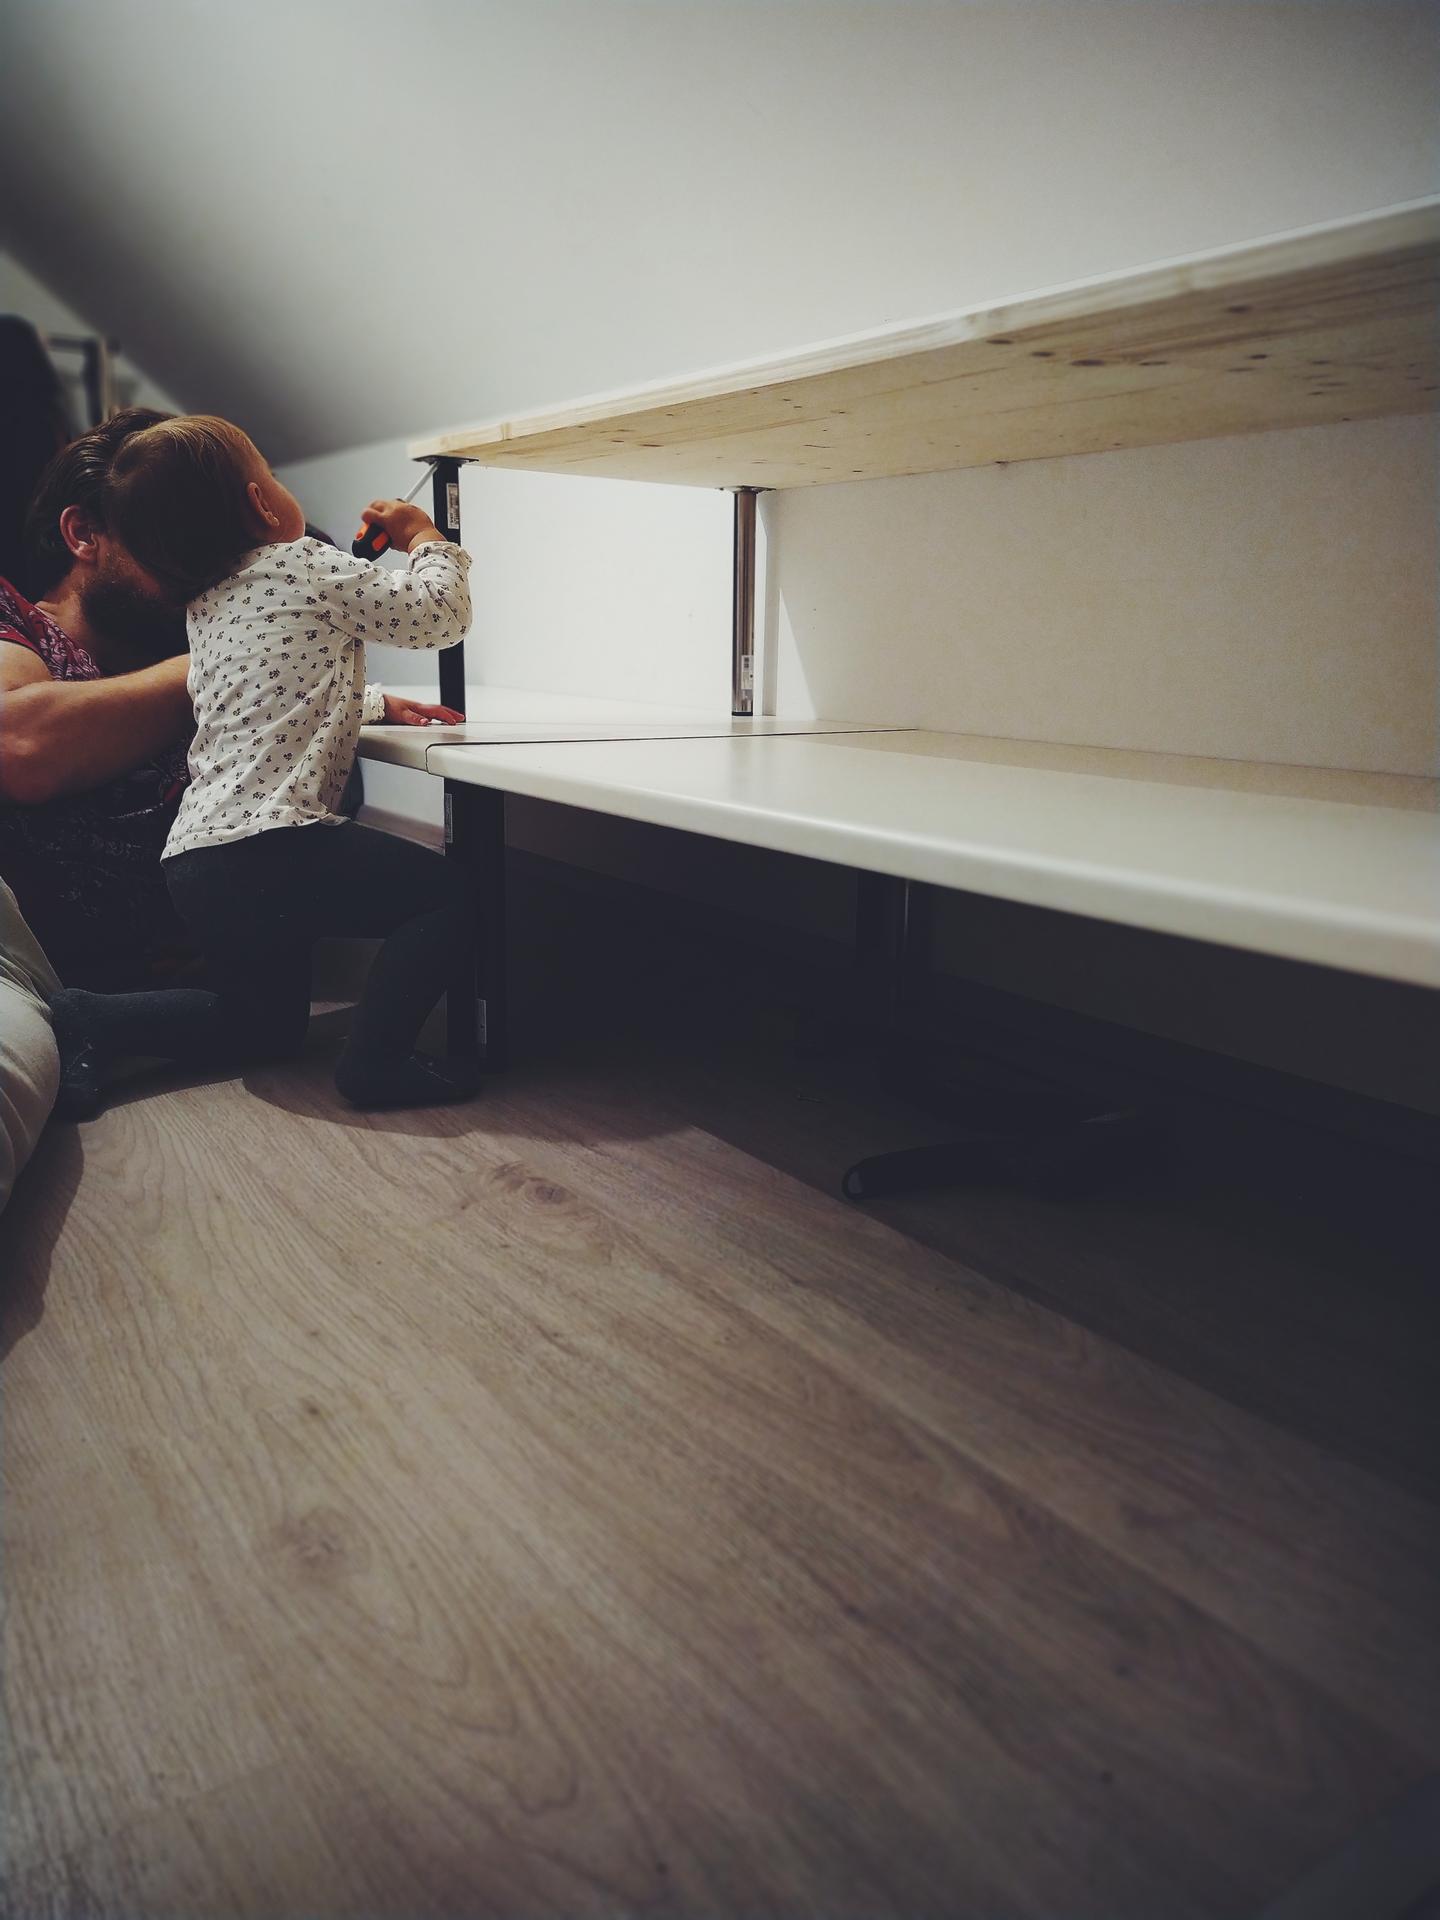 Náš domov ve svahu - Nakonec jsme se rozhodli desku využít na police do kumbálu. Zatím kumbál využíváme jako provizorní šatnu, kde většinu oblečení máme v kufrech. Tak konečně bude na oblečení krásně vidět a až si jednou pořídíme skříň, police využijeme na krabice